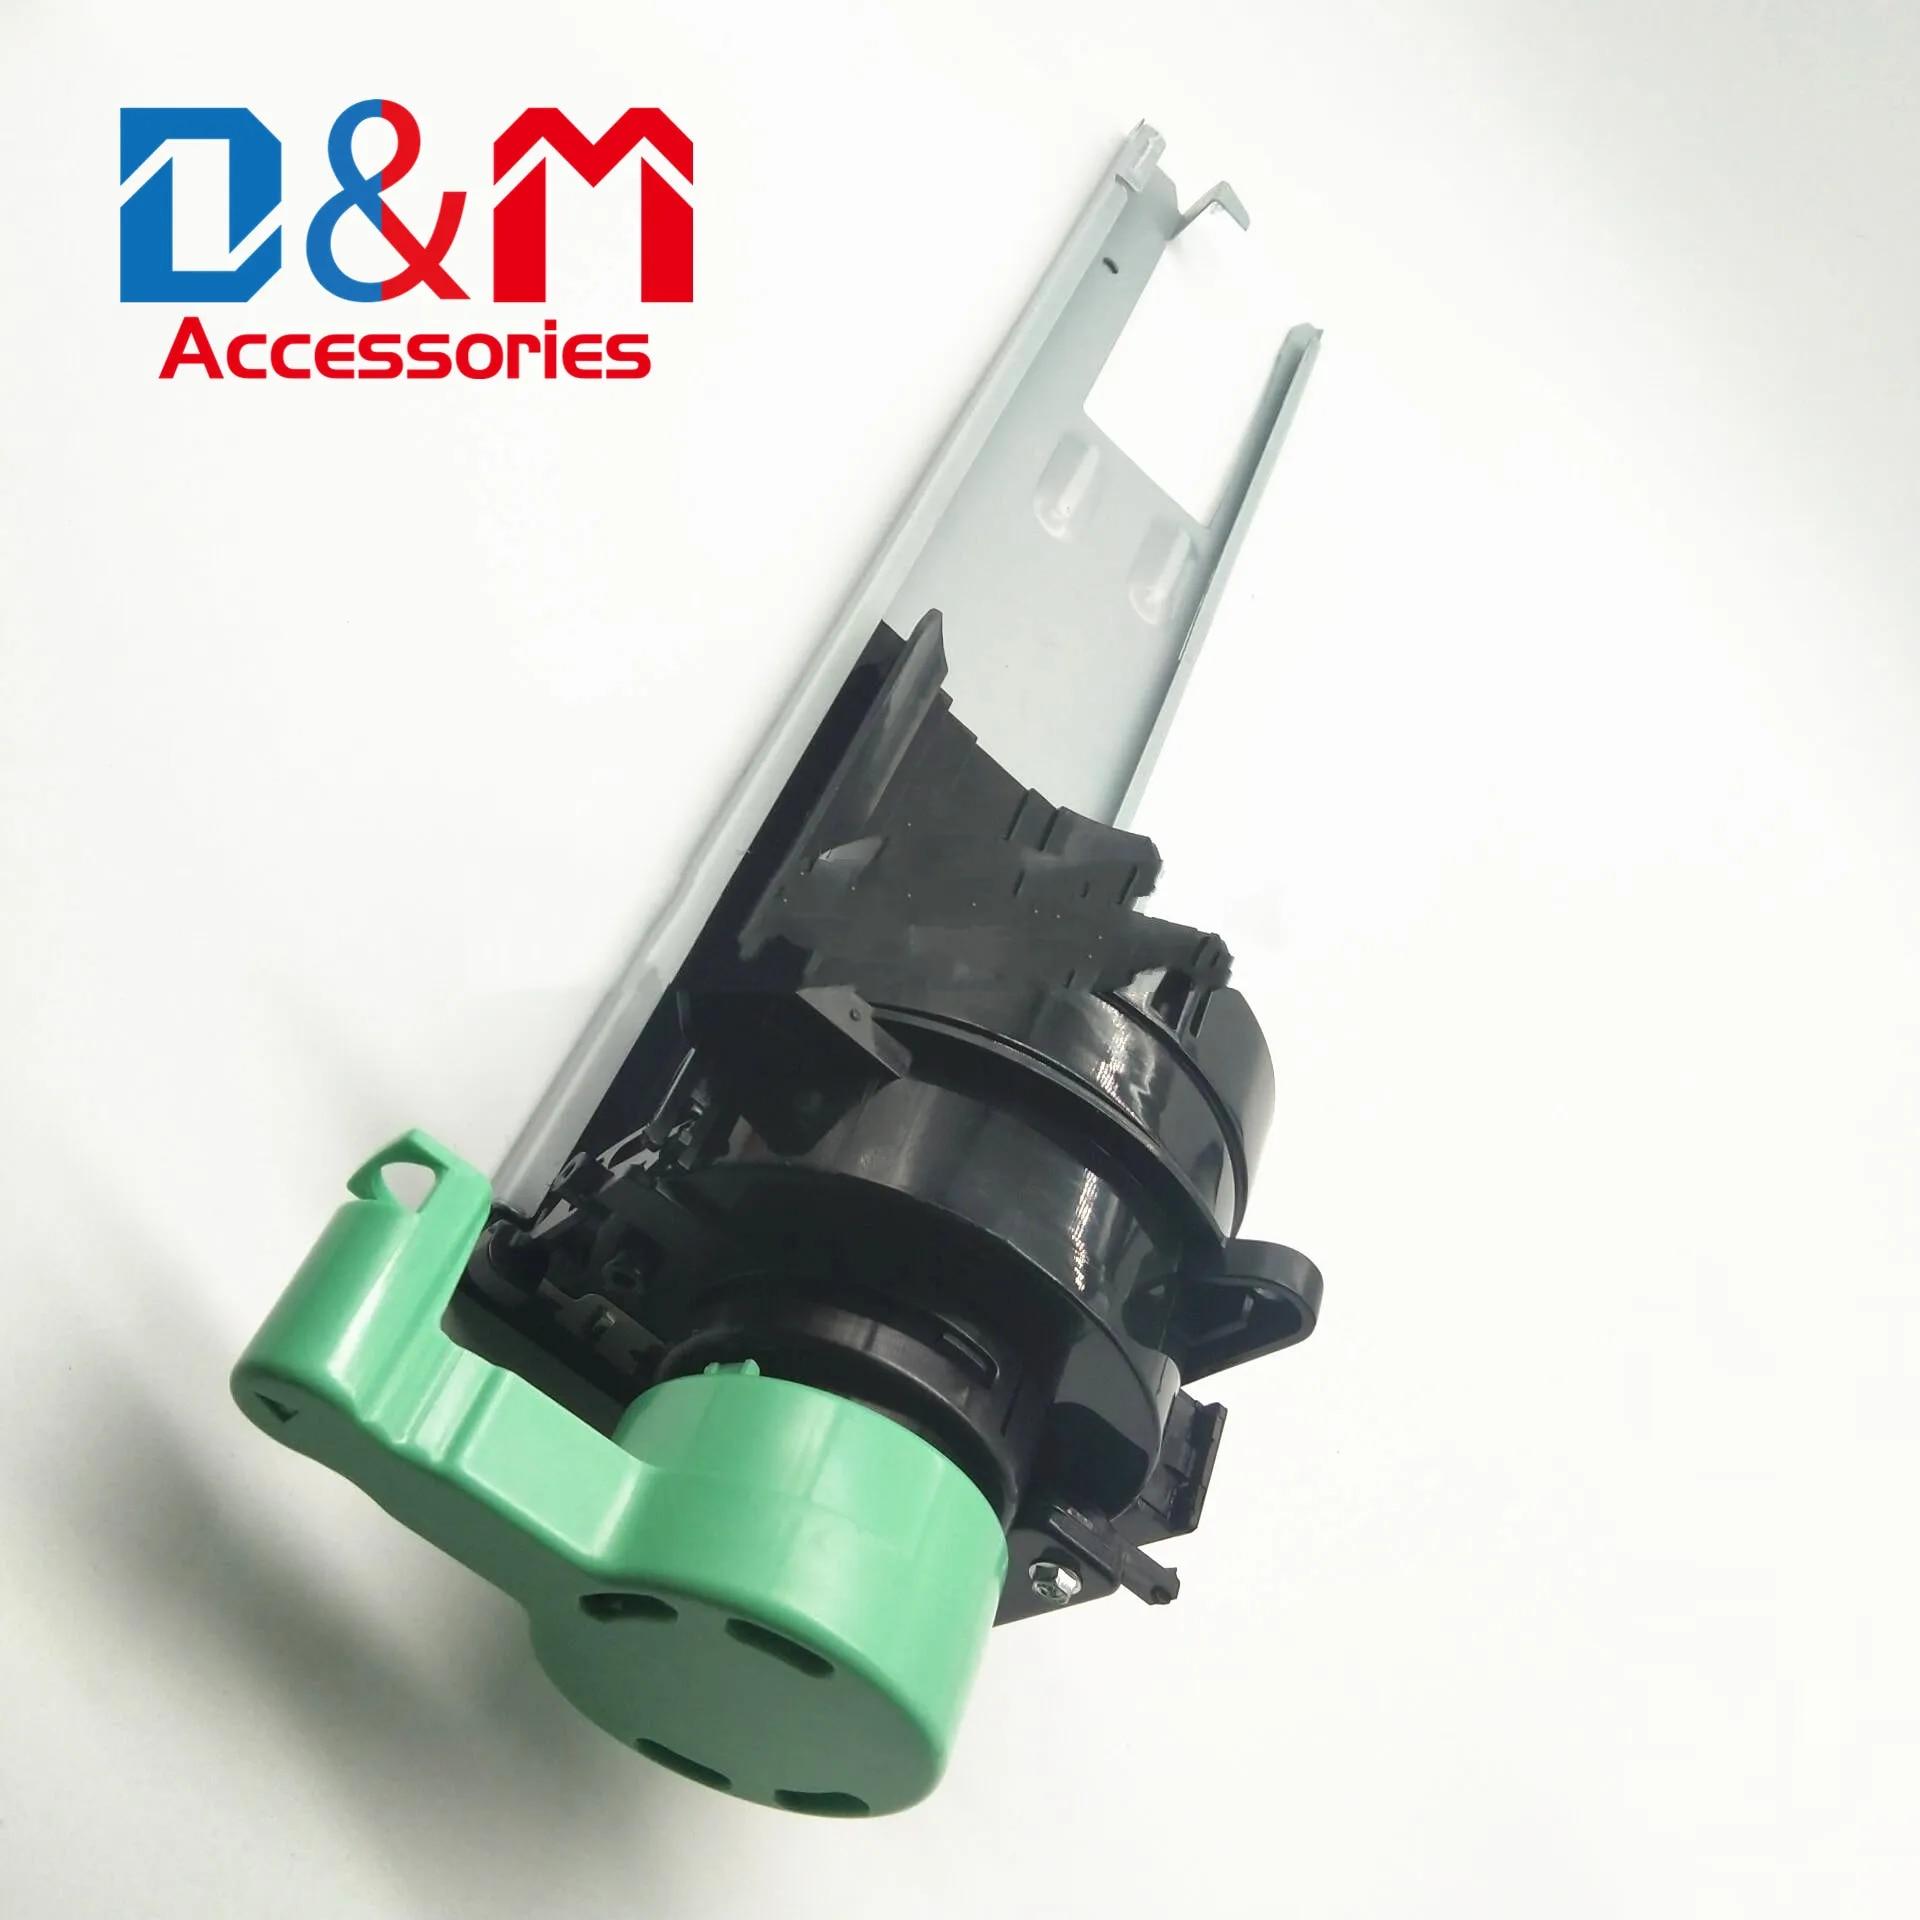 Unité d'approvisionnement en Toner D009-3209 D0093209 pour Ricoh Aficio MP 4000 4001 5000 4000B 5000B MP4000 MP5000Toner, 1 pièce